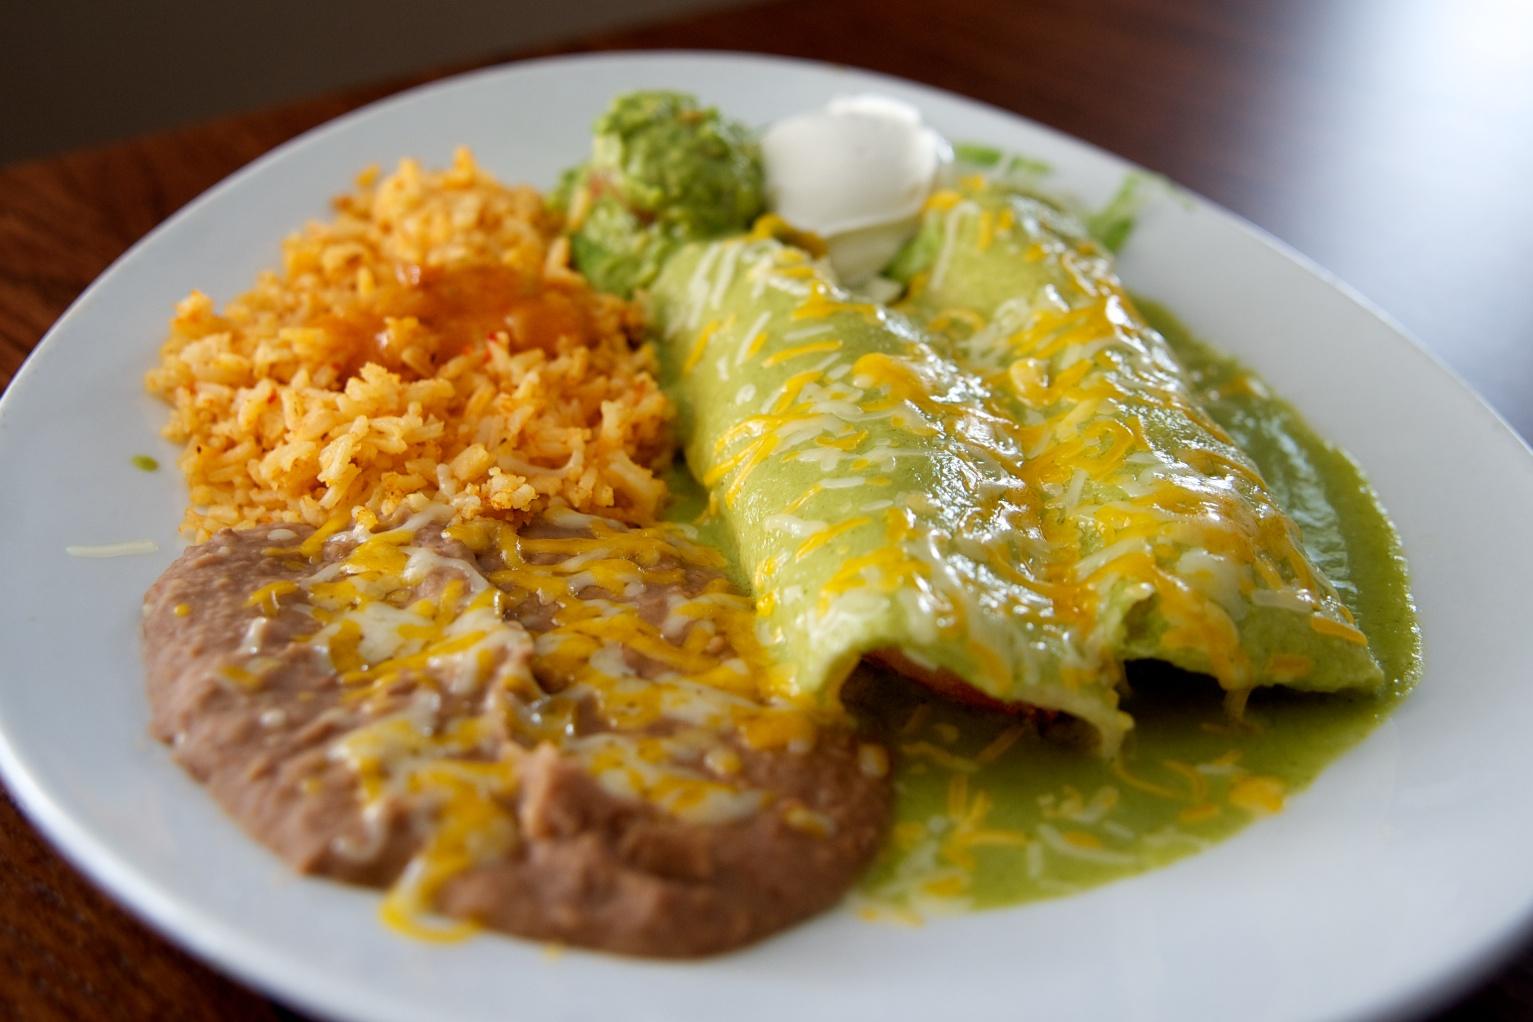 Enchiladas Mexican Food Restaurant